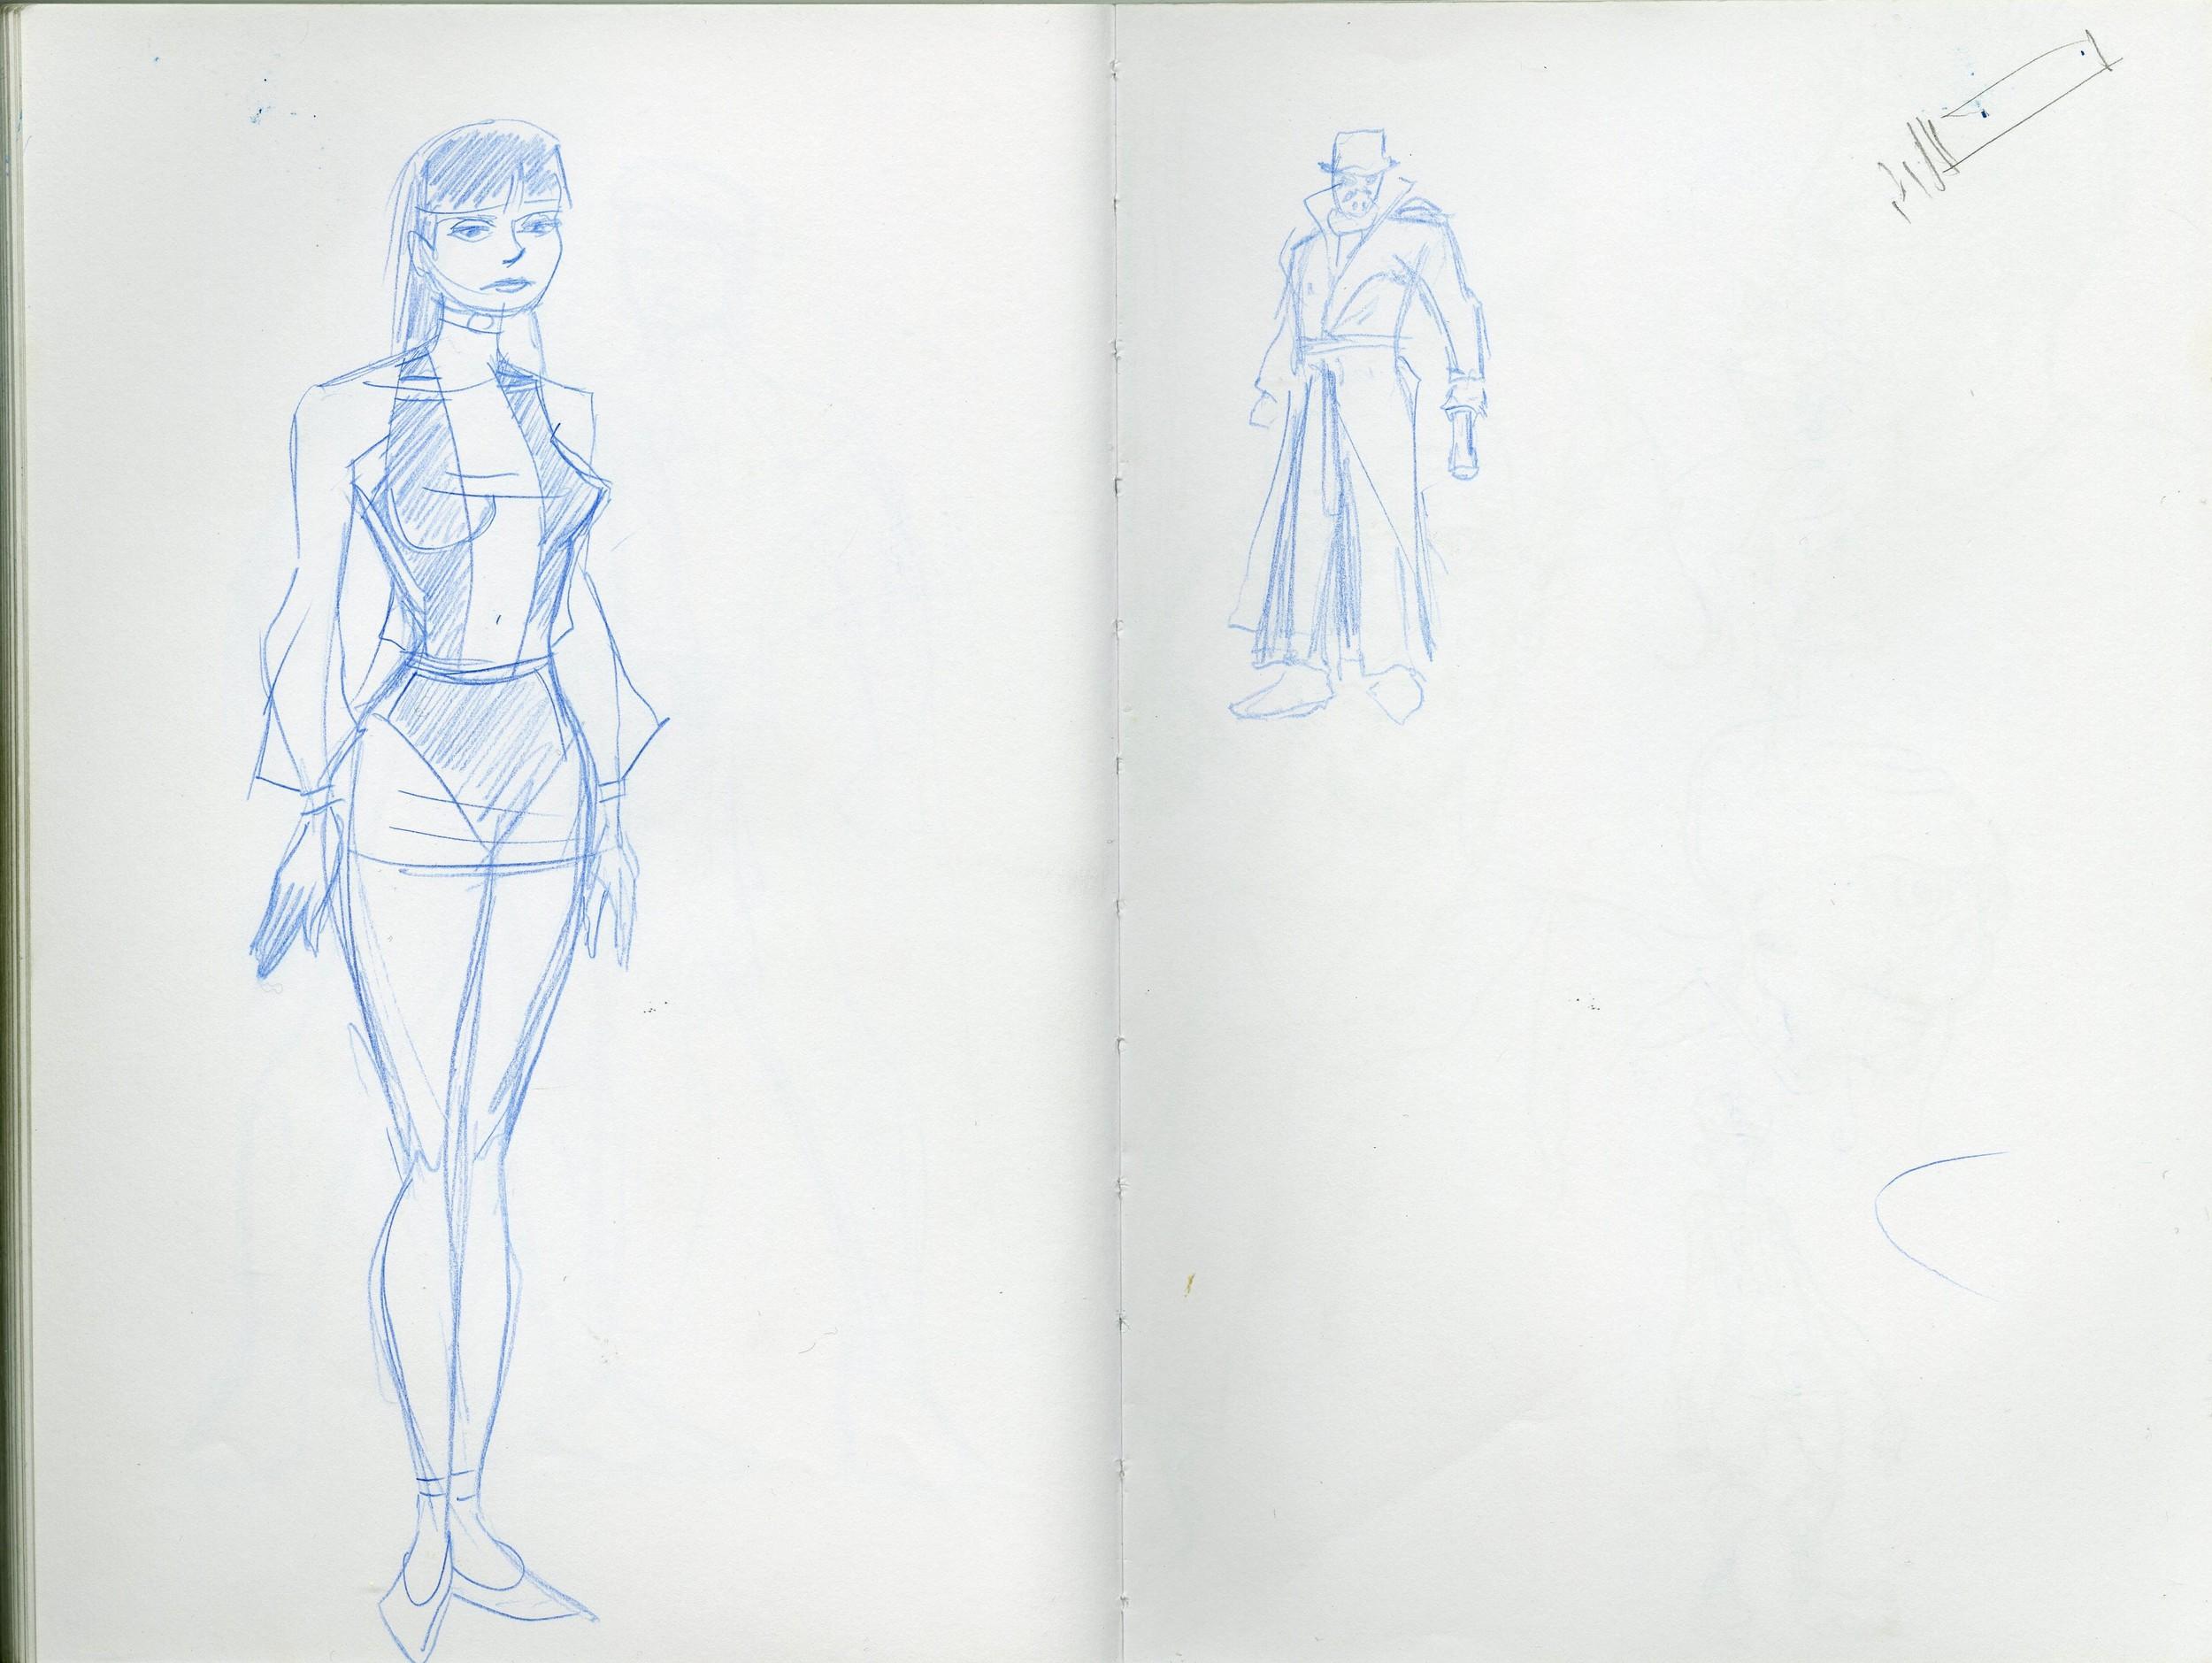 SketchbookScan122.jpg